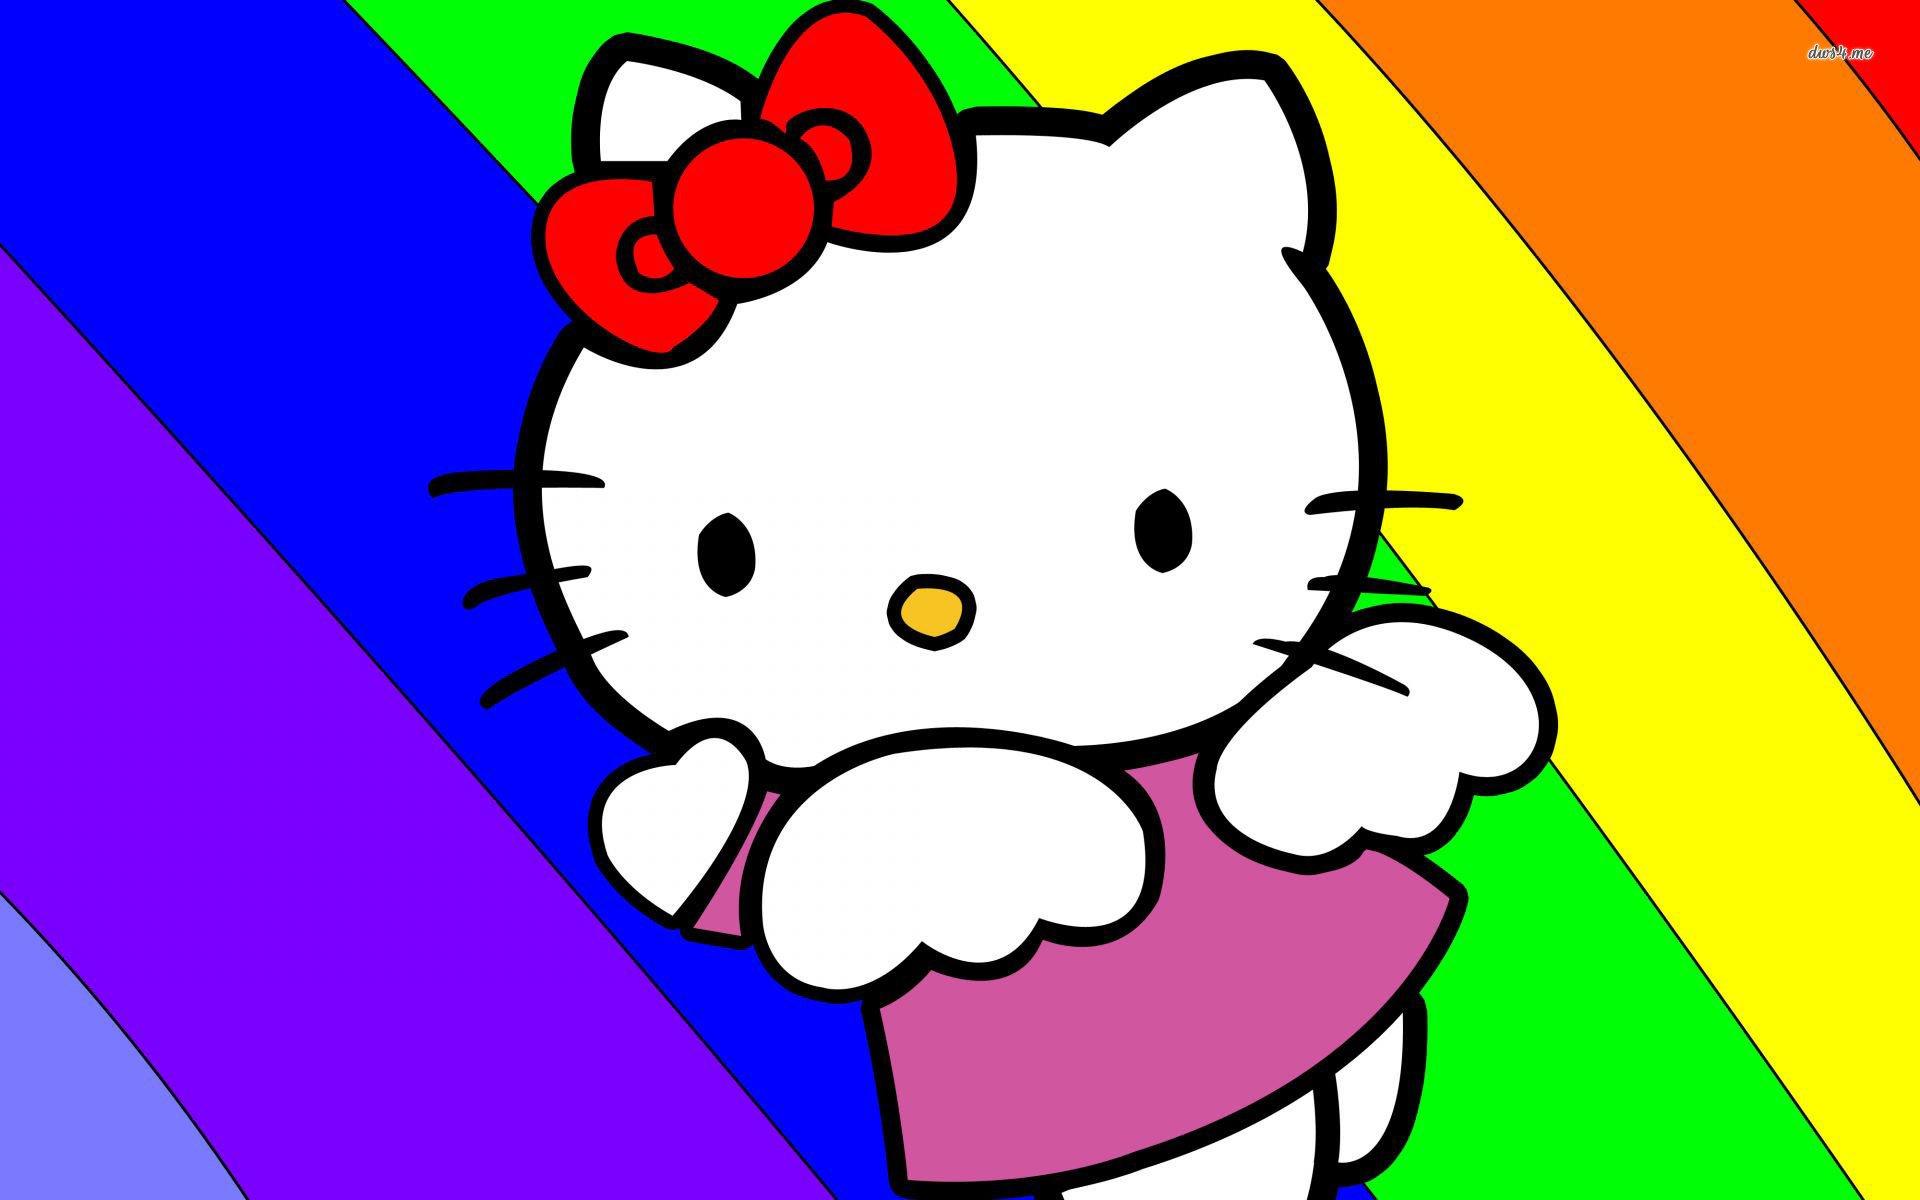 hình ảnh hoạt hình mèo Hello Kitty dễ thương cho máy tính số 10